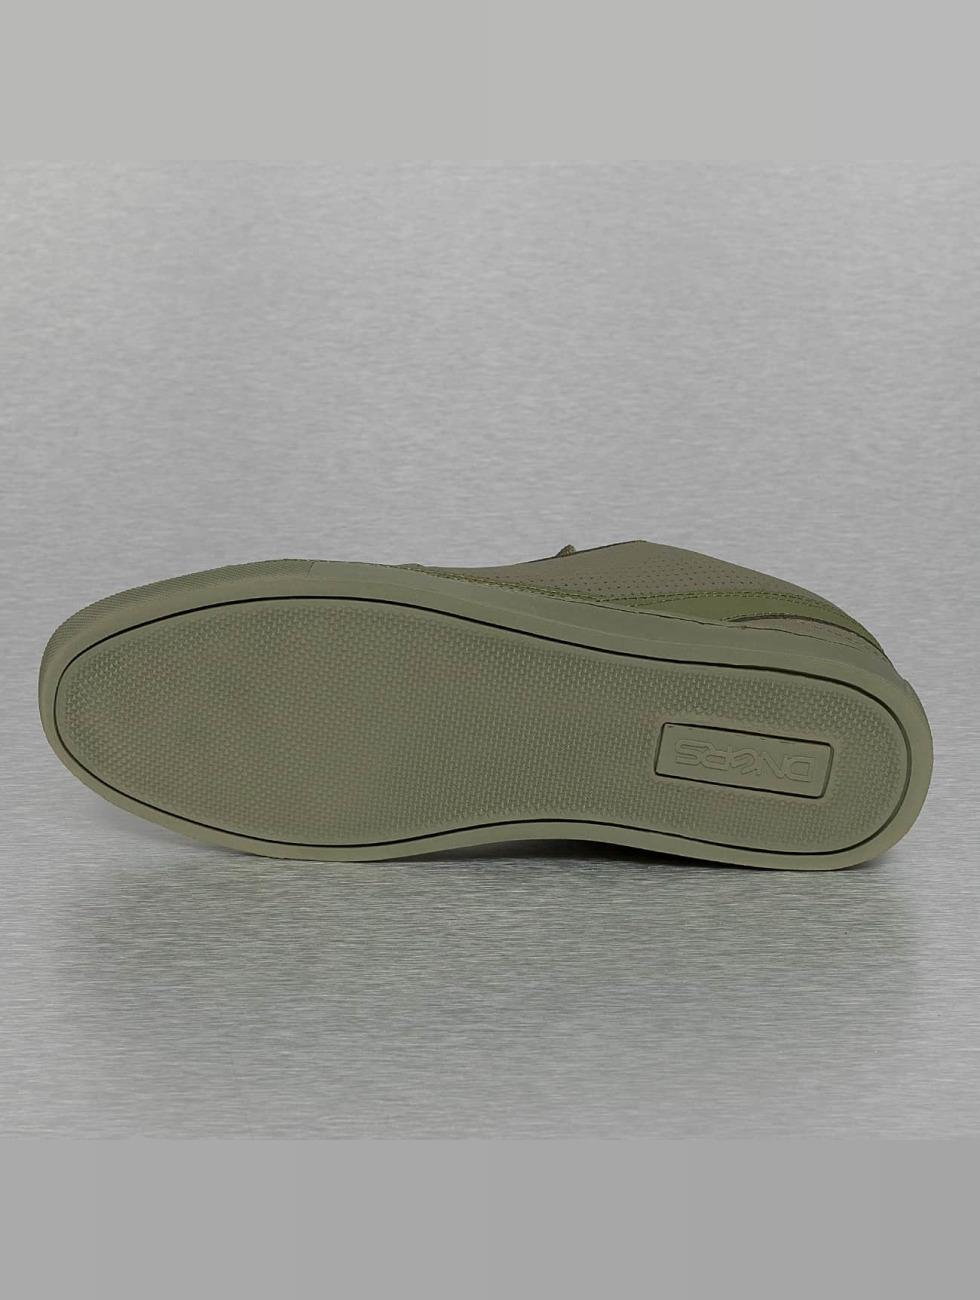 Chaussure Dngrs Dangereux / Sneaker Perforé Olive 299 785 Nouvelle Arrivee ijVUzqxx